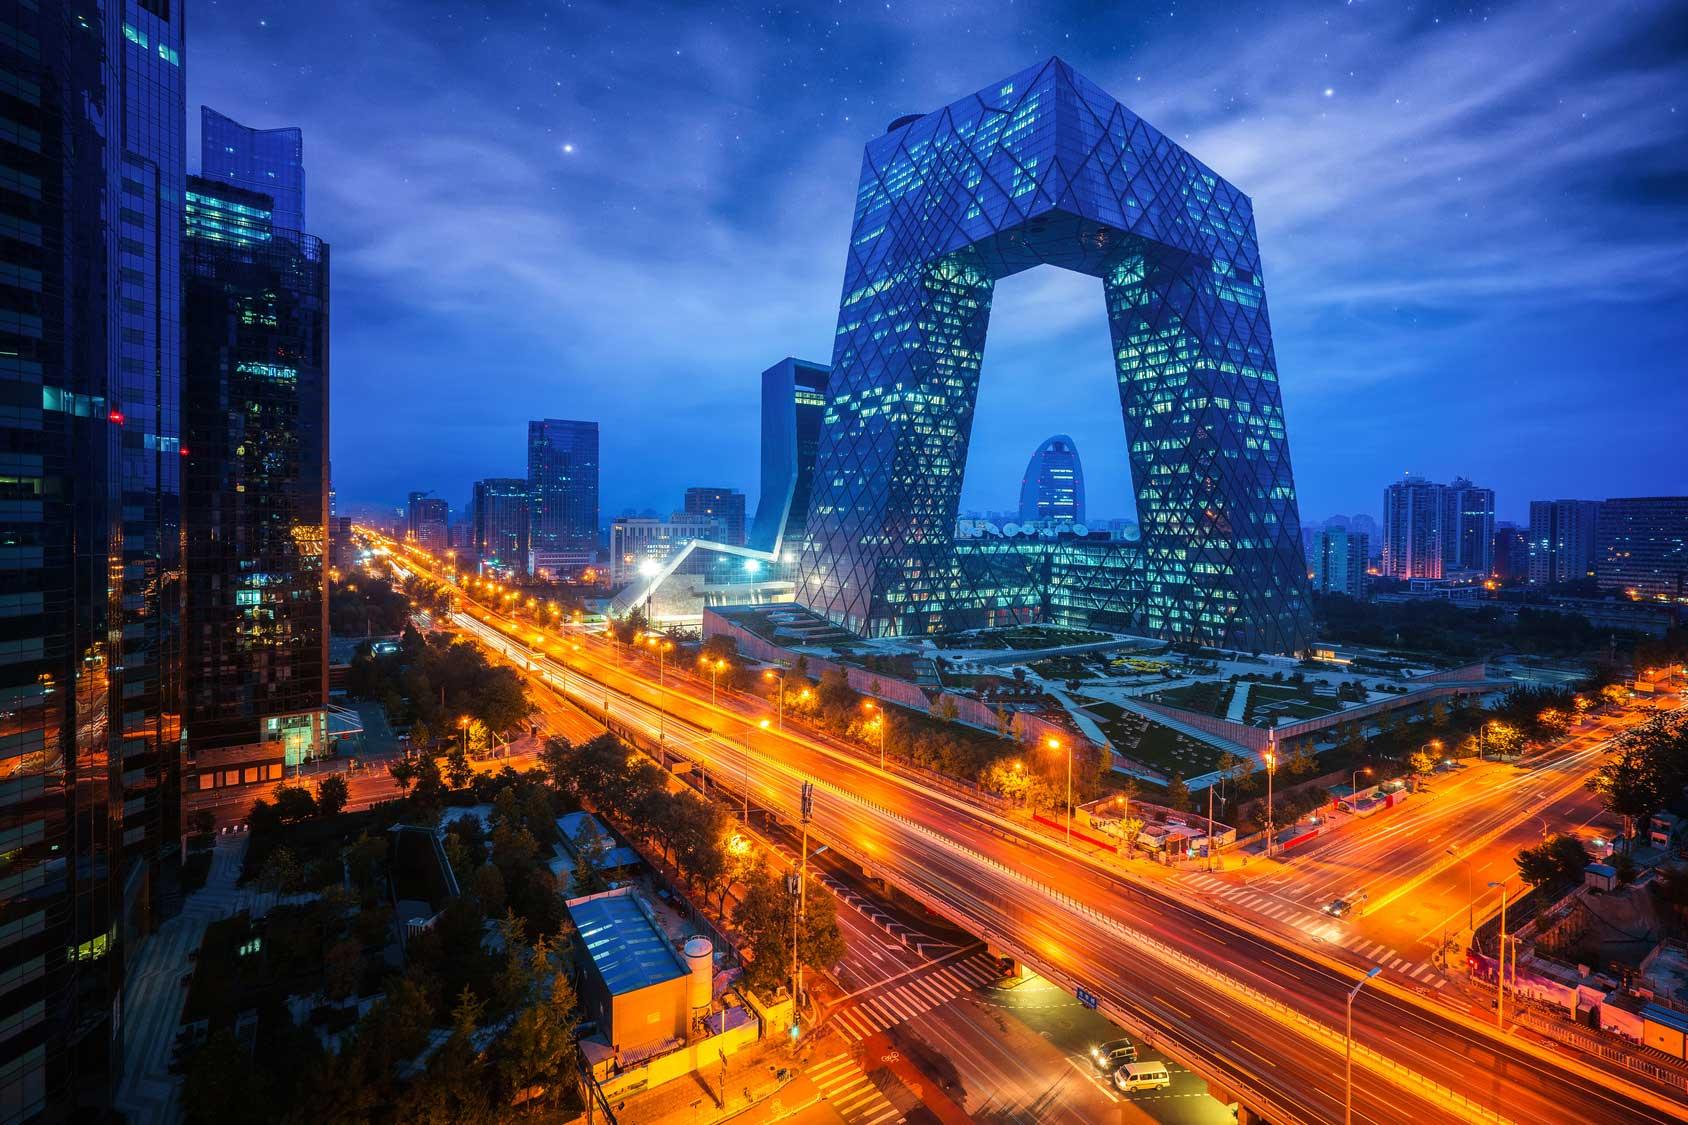 هتلهای شهر پکن